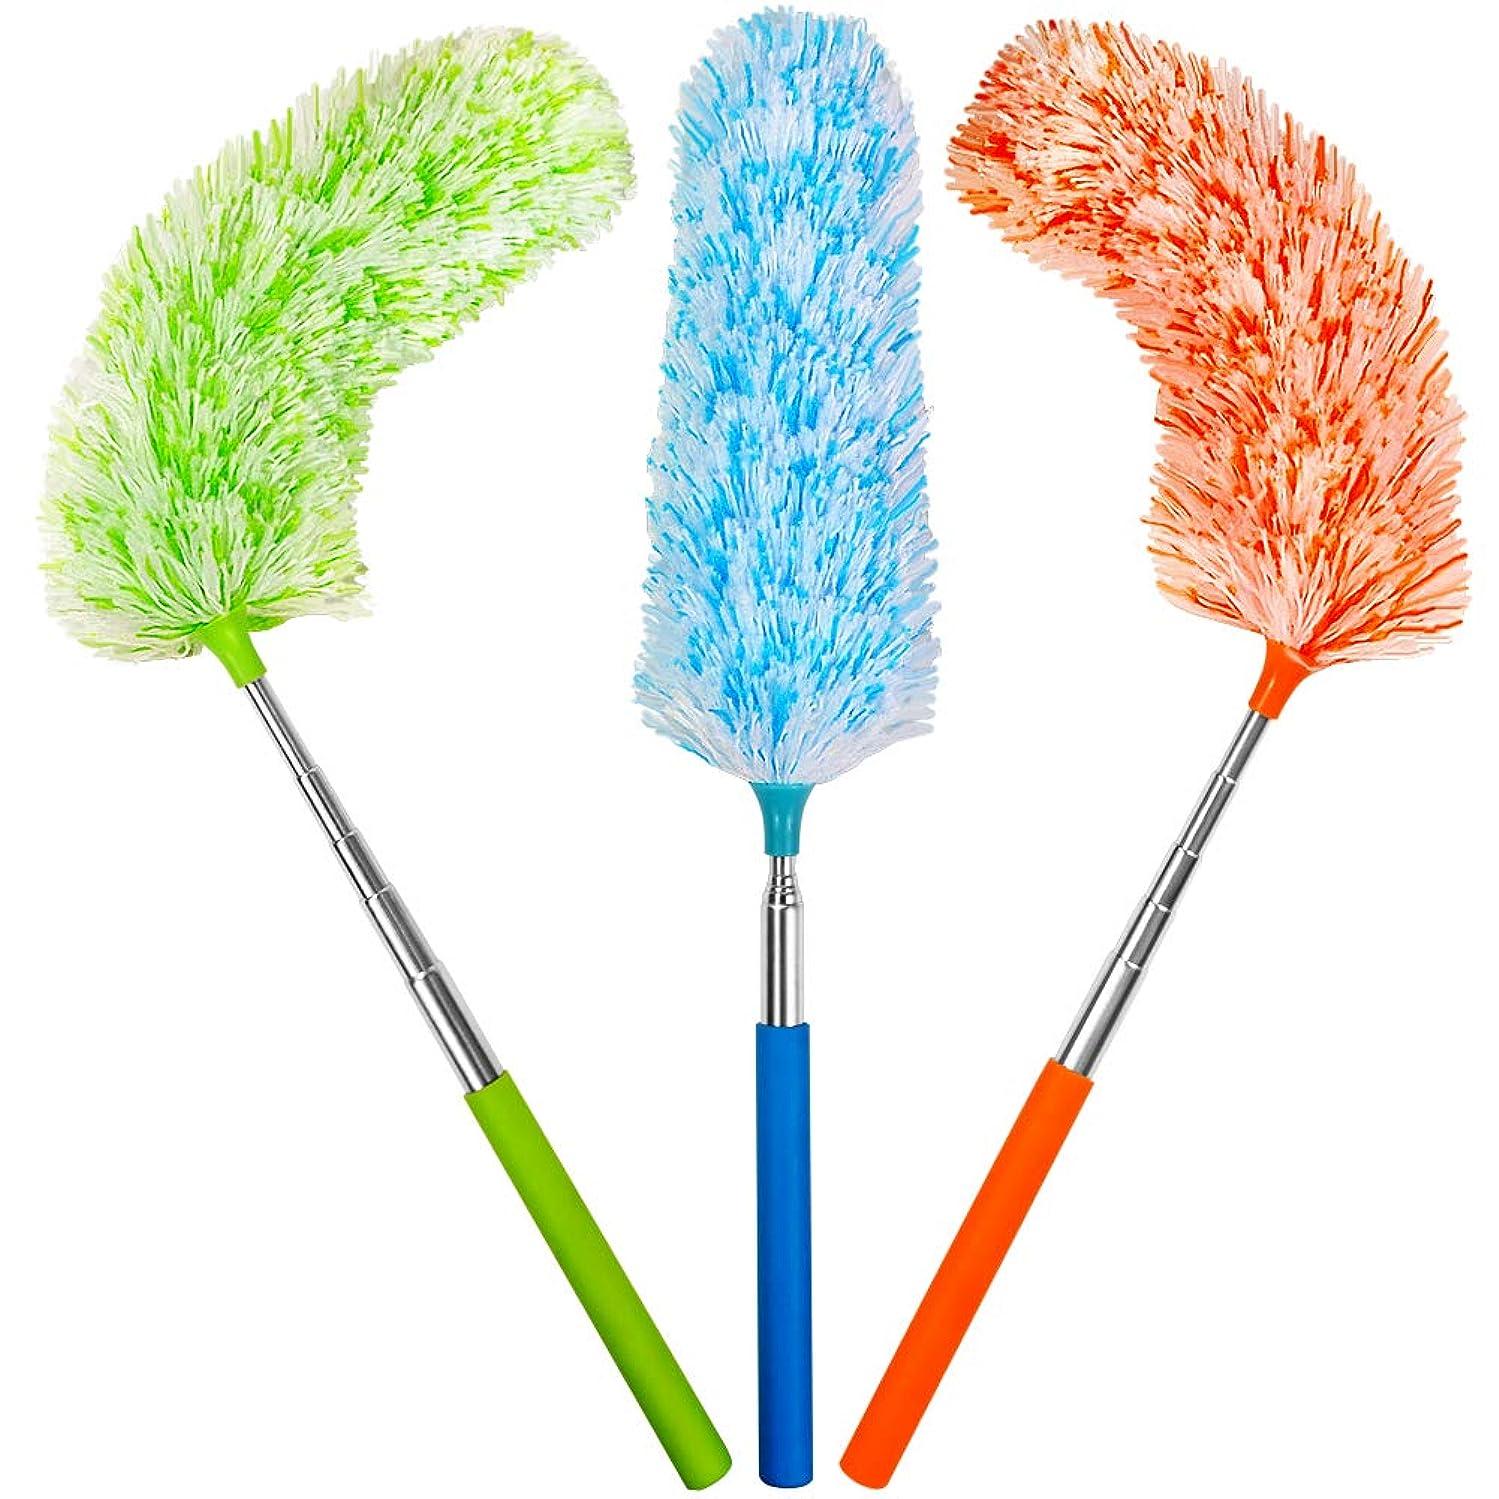 昼間金額粒子ホコリ取りブラシ 伸縮掃除モップ ZHIWHIS マイクロファイバー 360°曲がるモップヘッド 水洗い はたき ダスター ほこり取り 家庭、ワードローブ、車、ラックに適用 3点セット